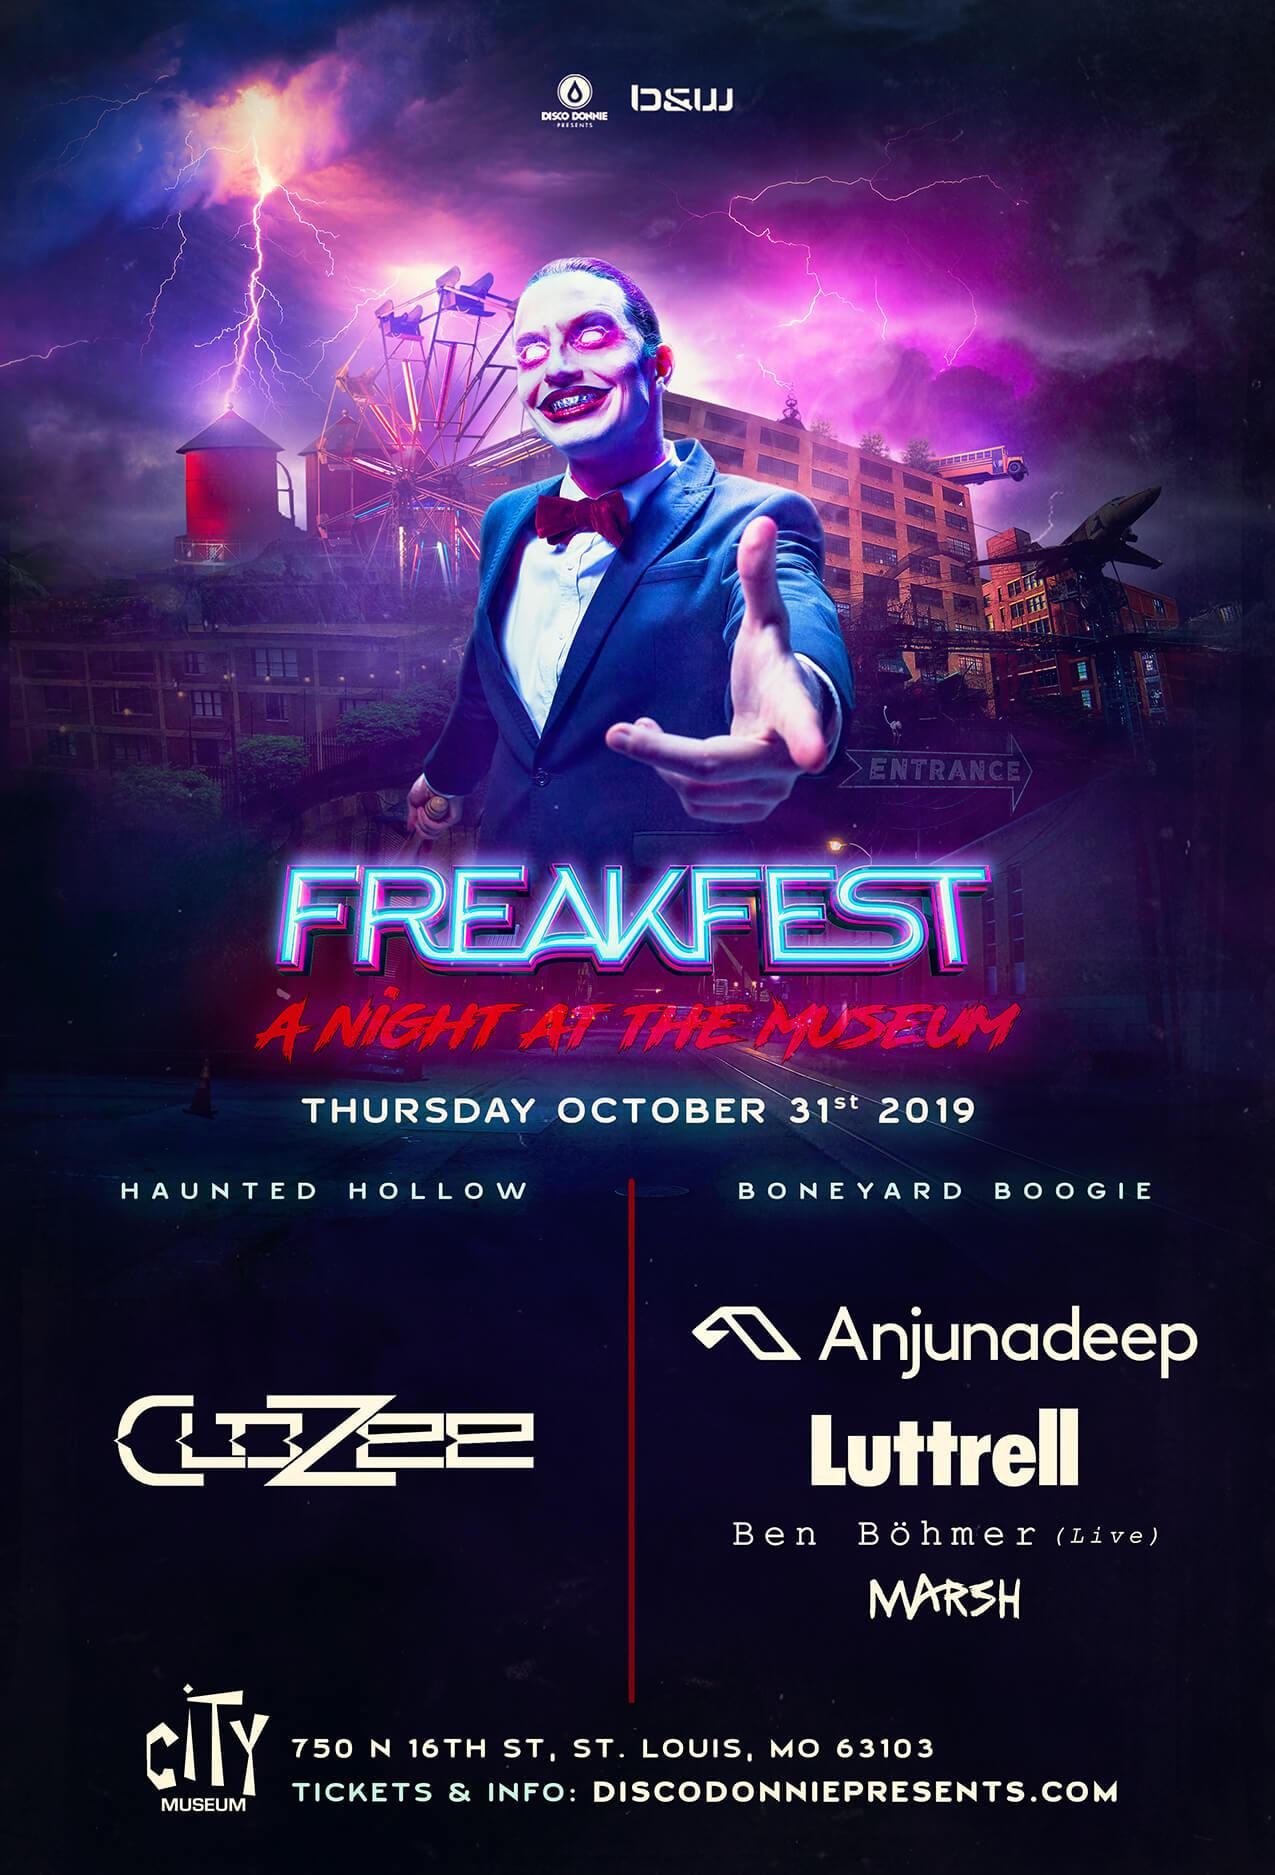 Freakfest 2019 in St Louis